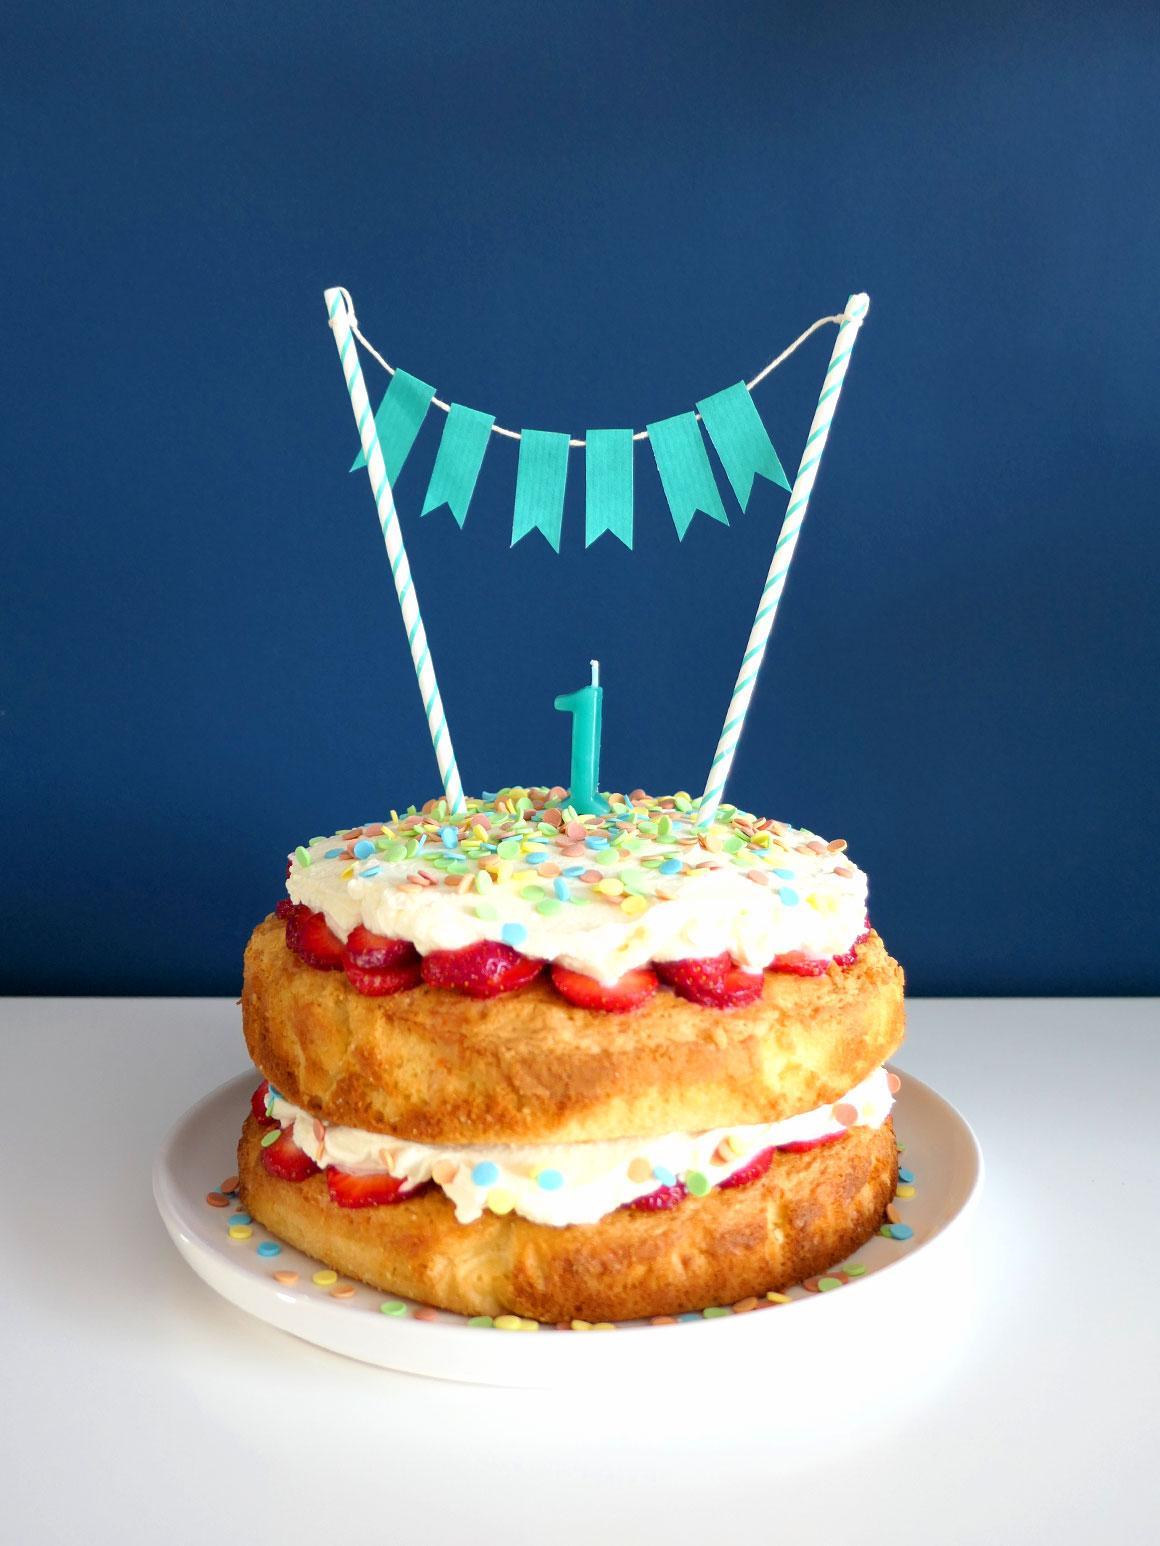 Liams verjaardagstaart met confetti, aardbeien en witte chocola